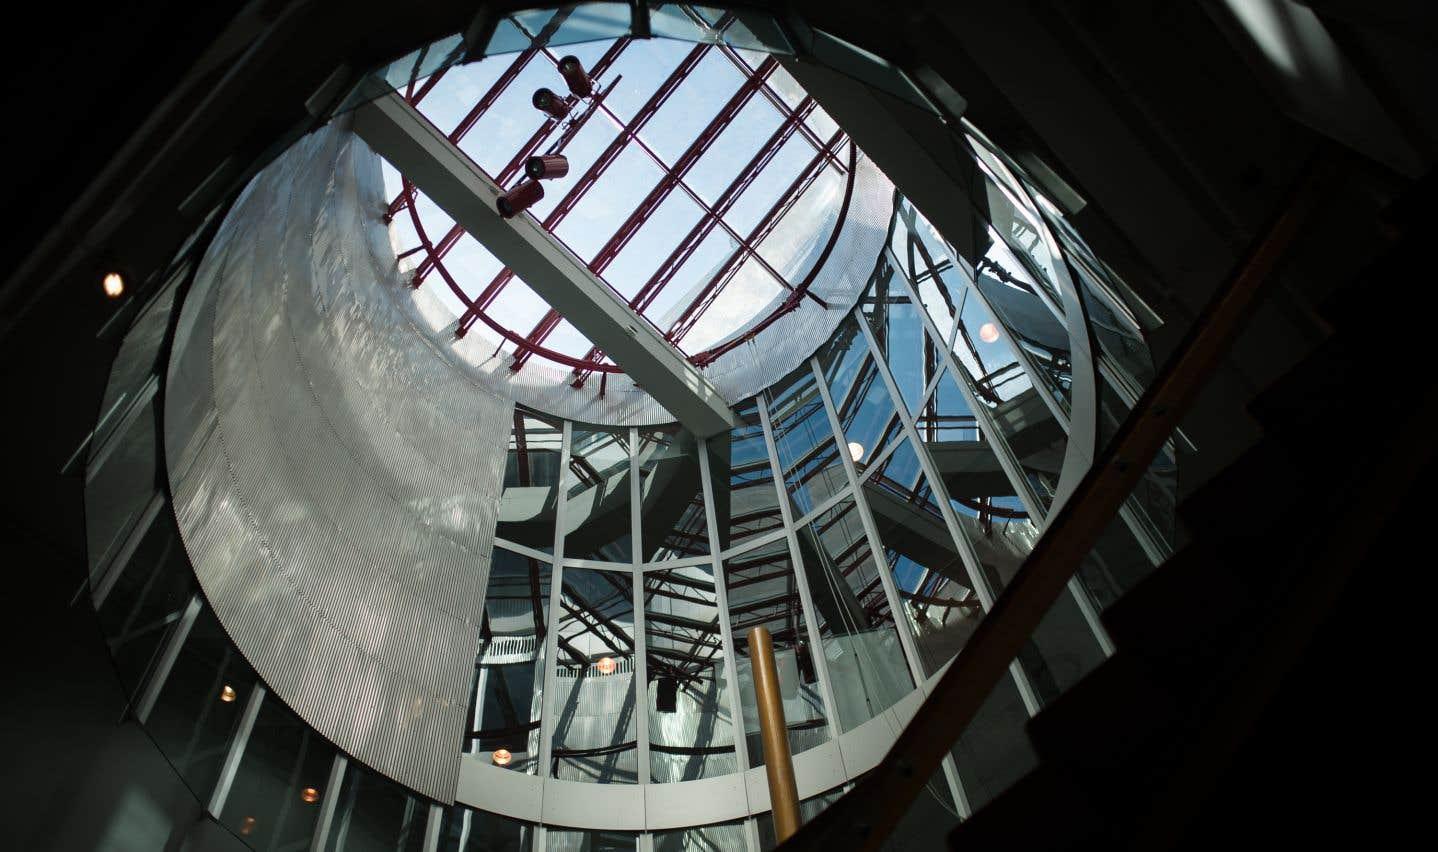 L'intérieur possède des éléments qui se dévoilent peu à peu, comme ce puits de lumière qui domine un escalier.